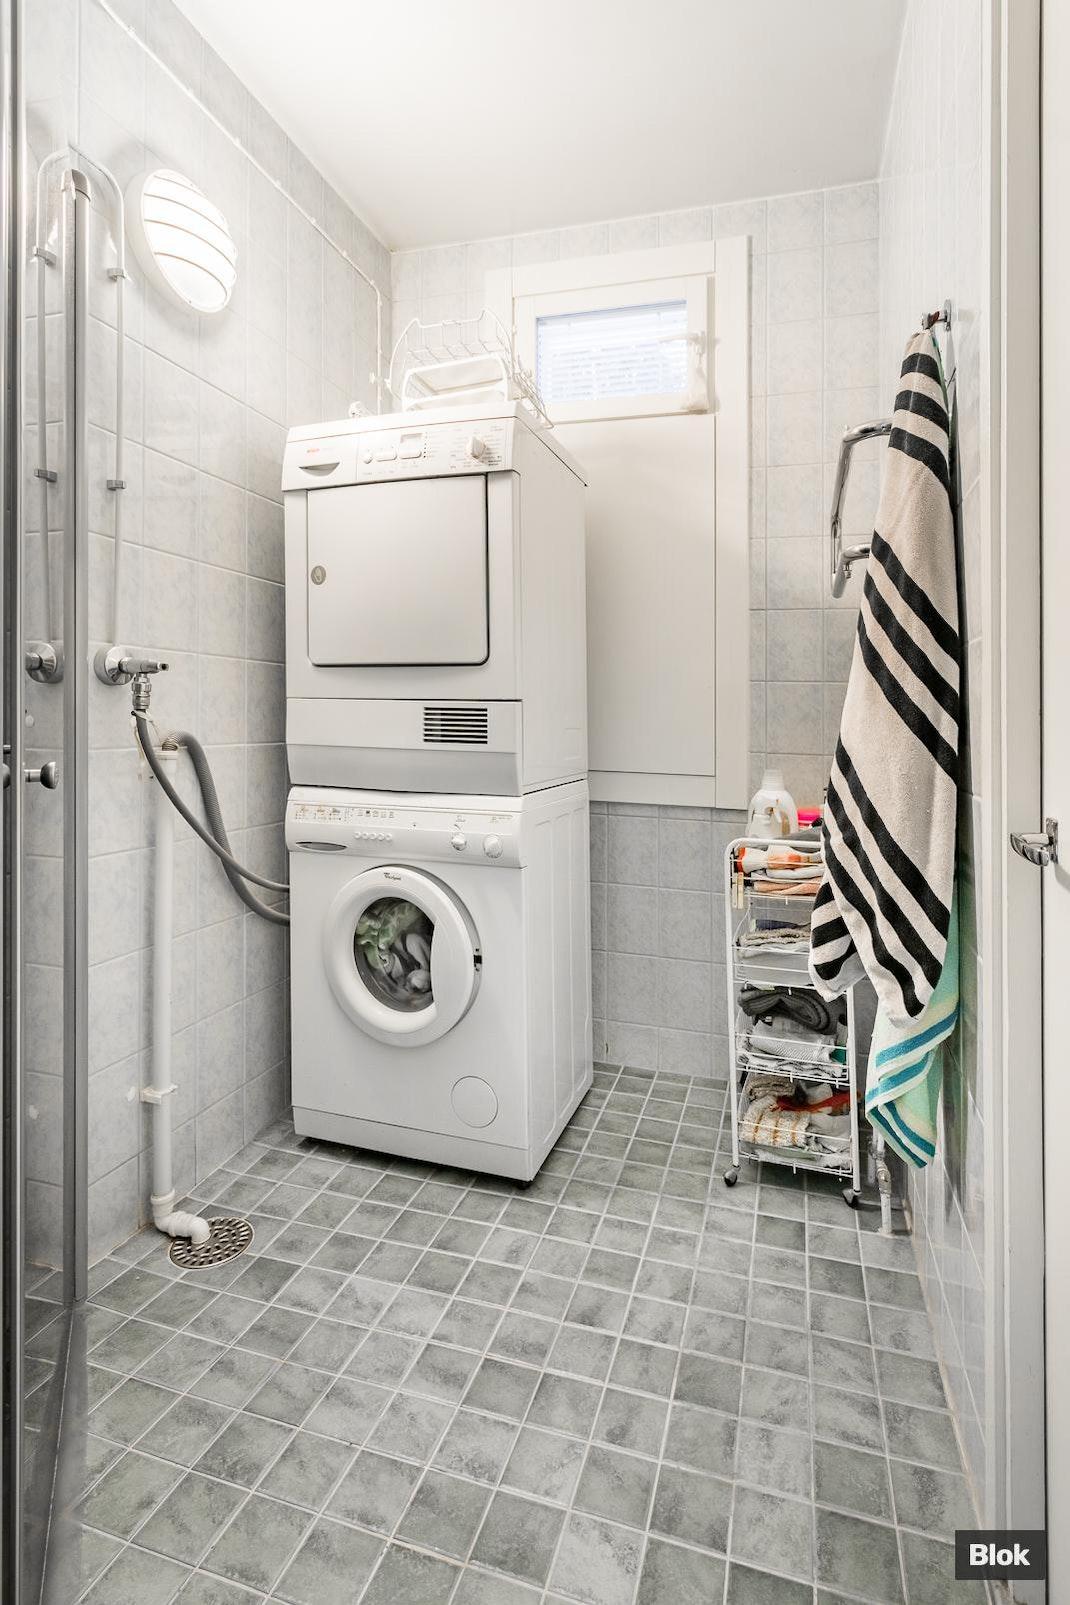 Metsärinteenkatu 1 3 G 52 Kylpyhuone & Erillinen WC